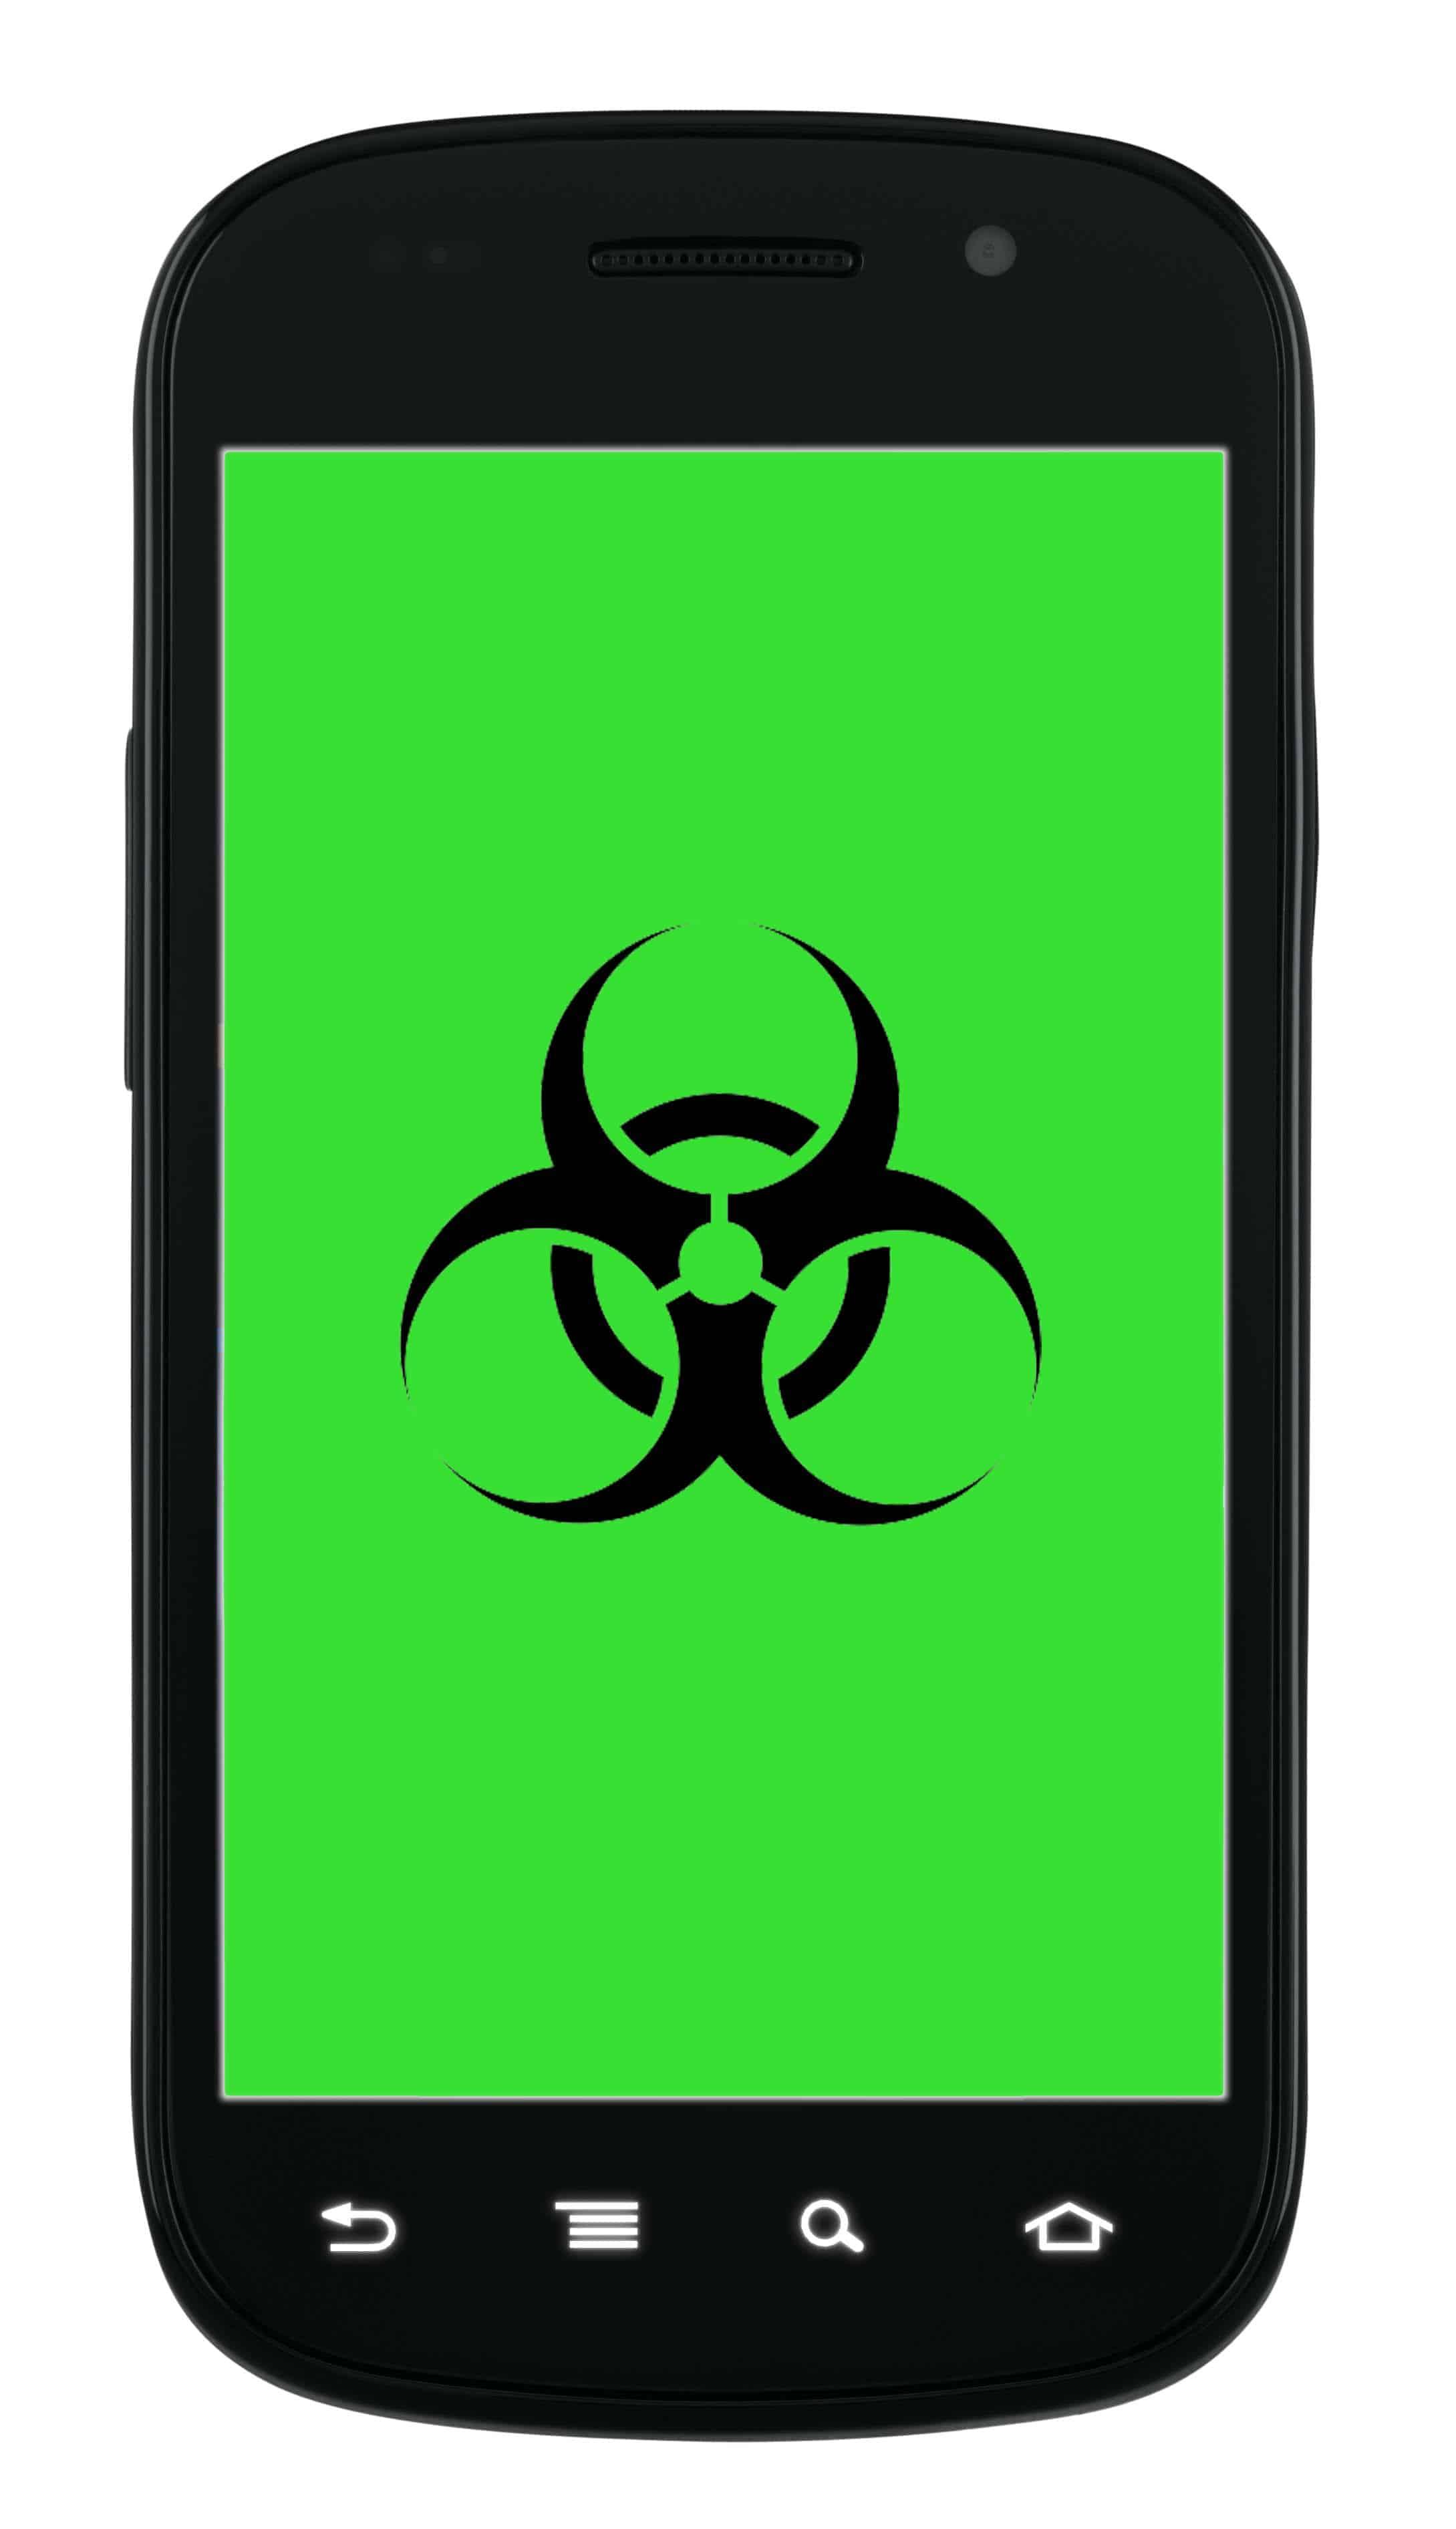 infected nexus s